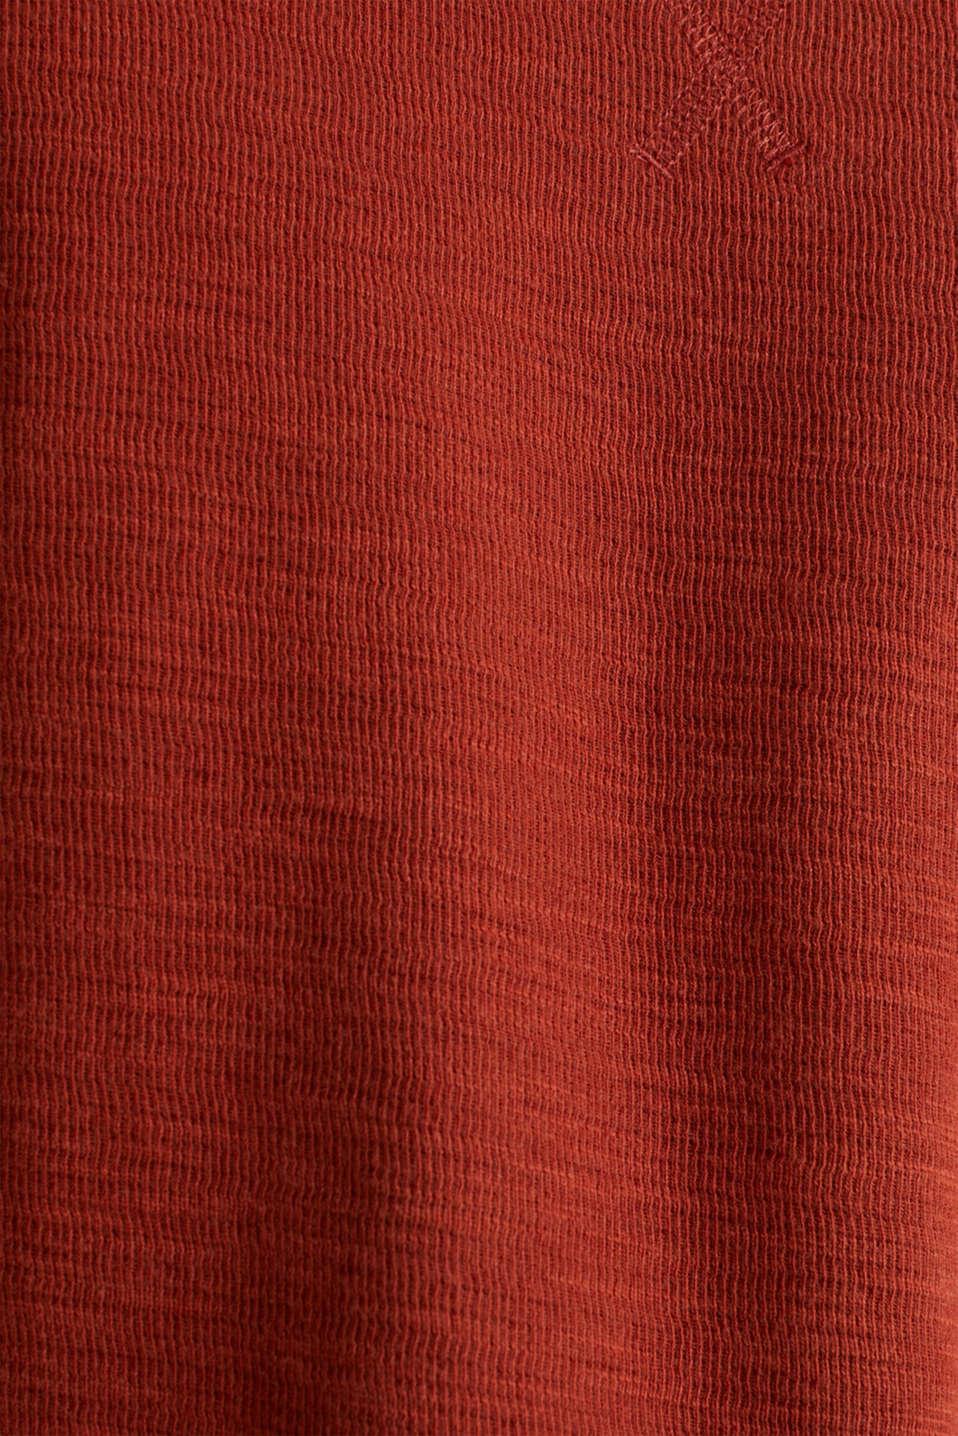 Textured cotton blend jumper, RUST ORANGE, detail image number 4